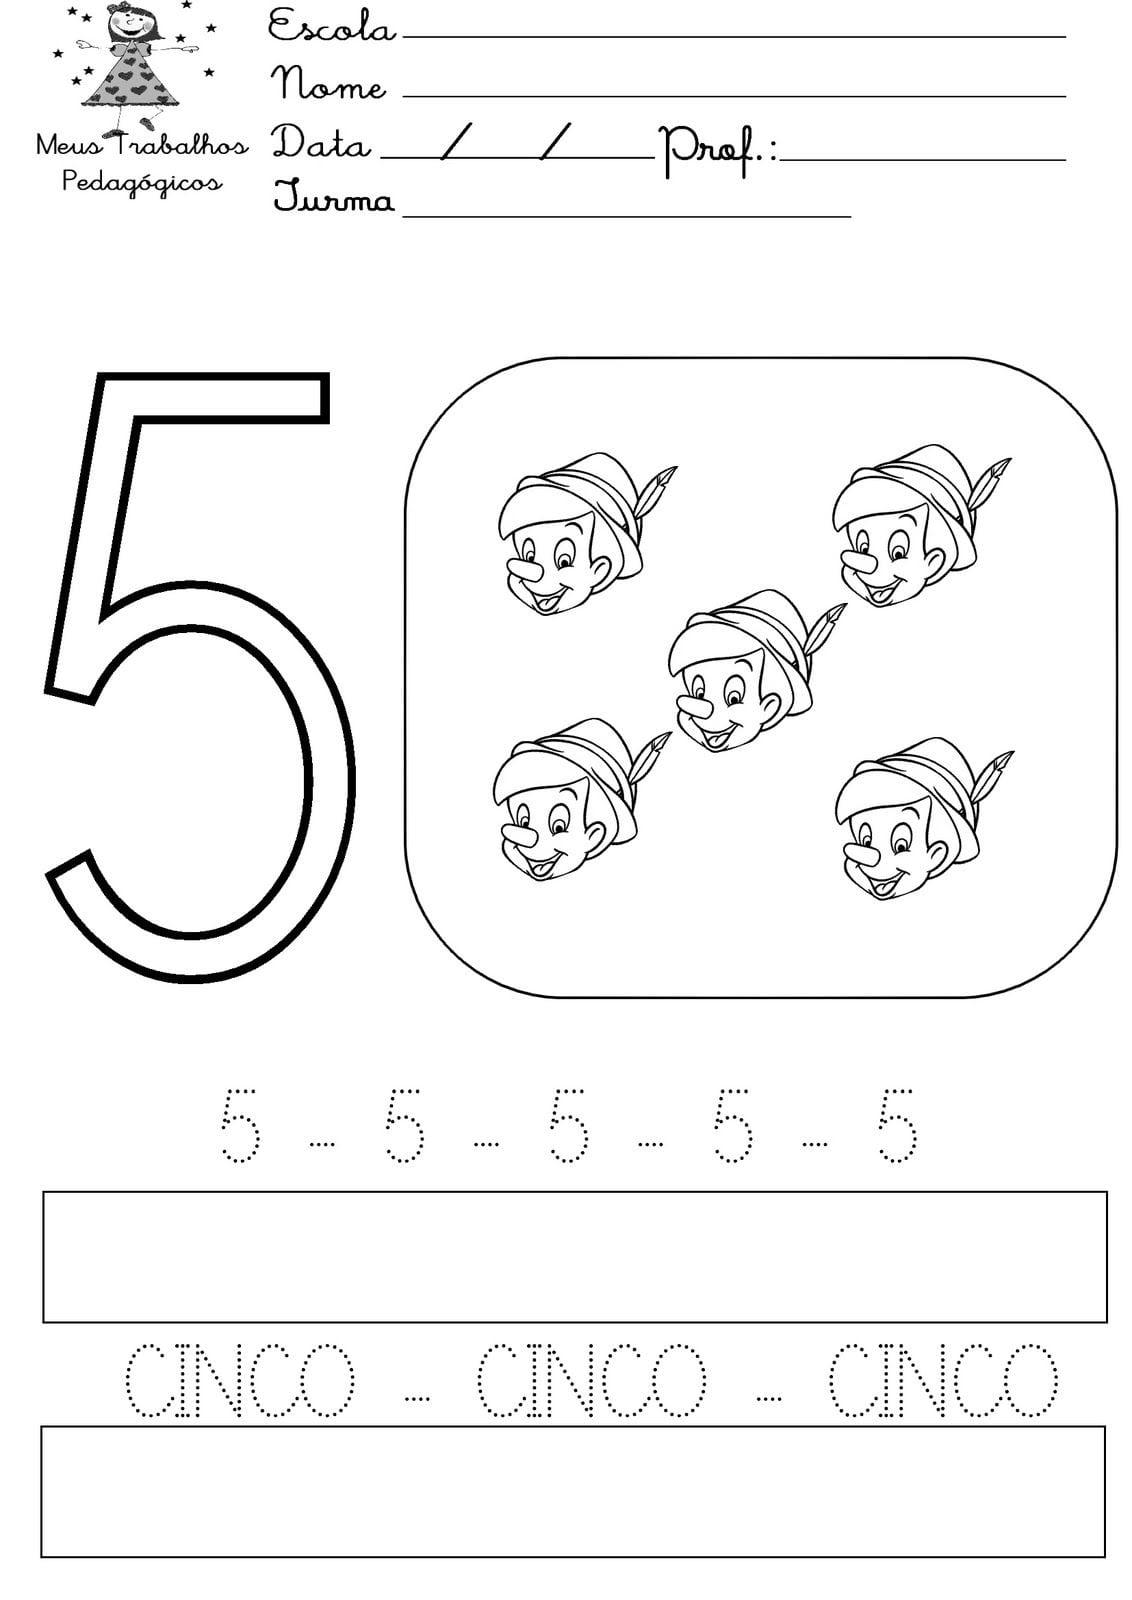 Atividades+pin C3 B3quio+14 Jpg (1132×1600)